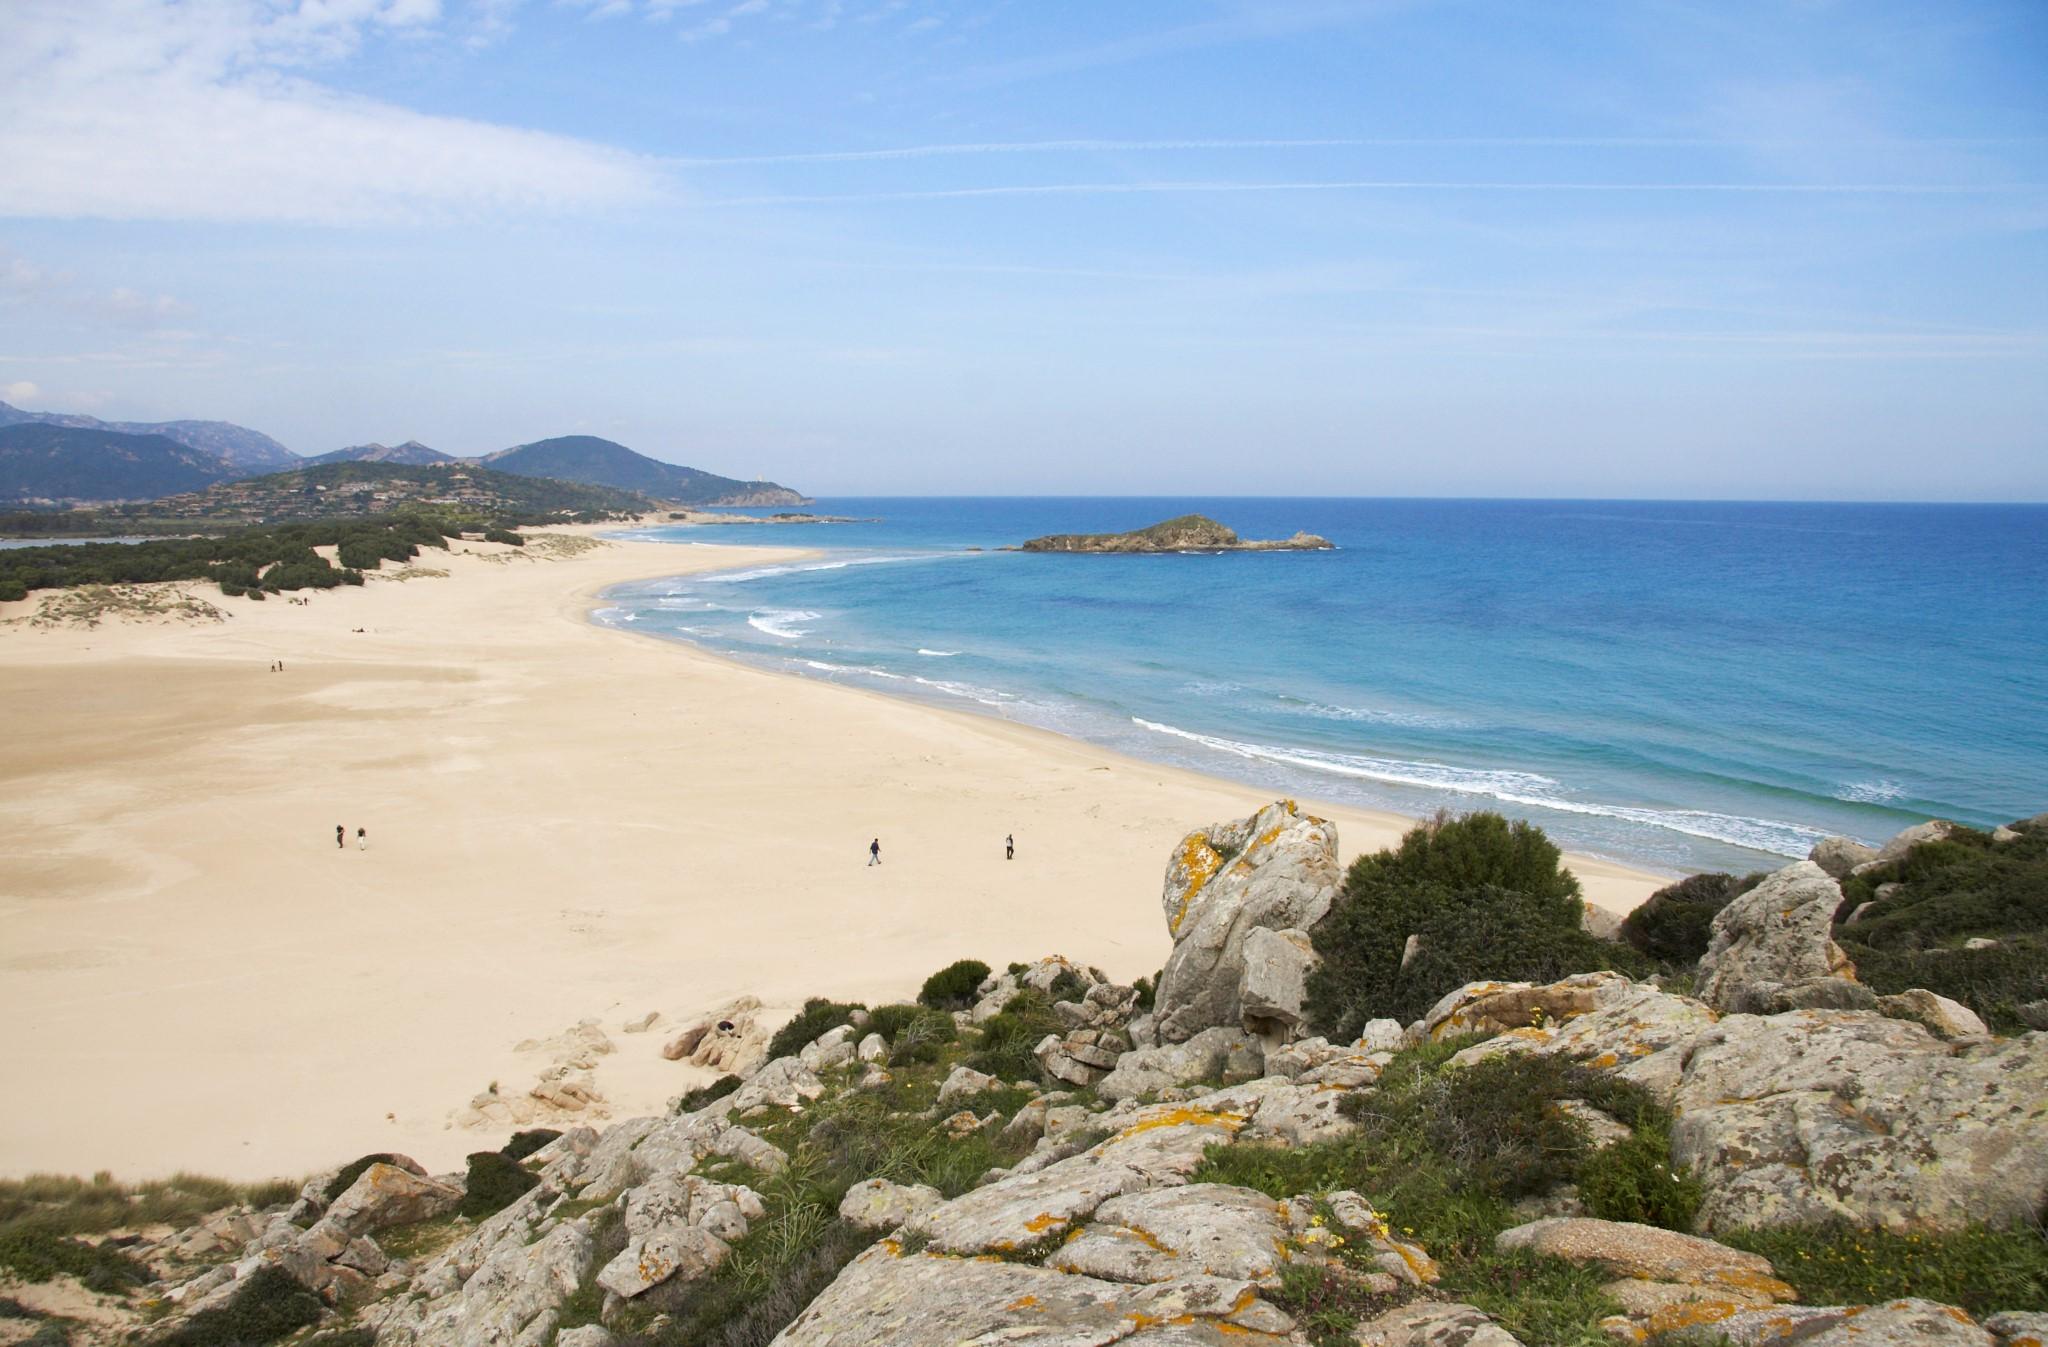 Beach of Su Gudeu, Chia, Sardinia, Italy